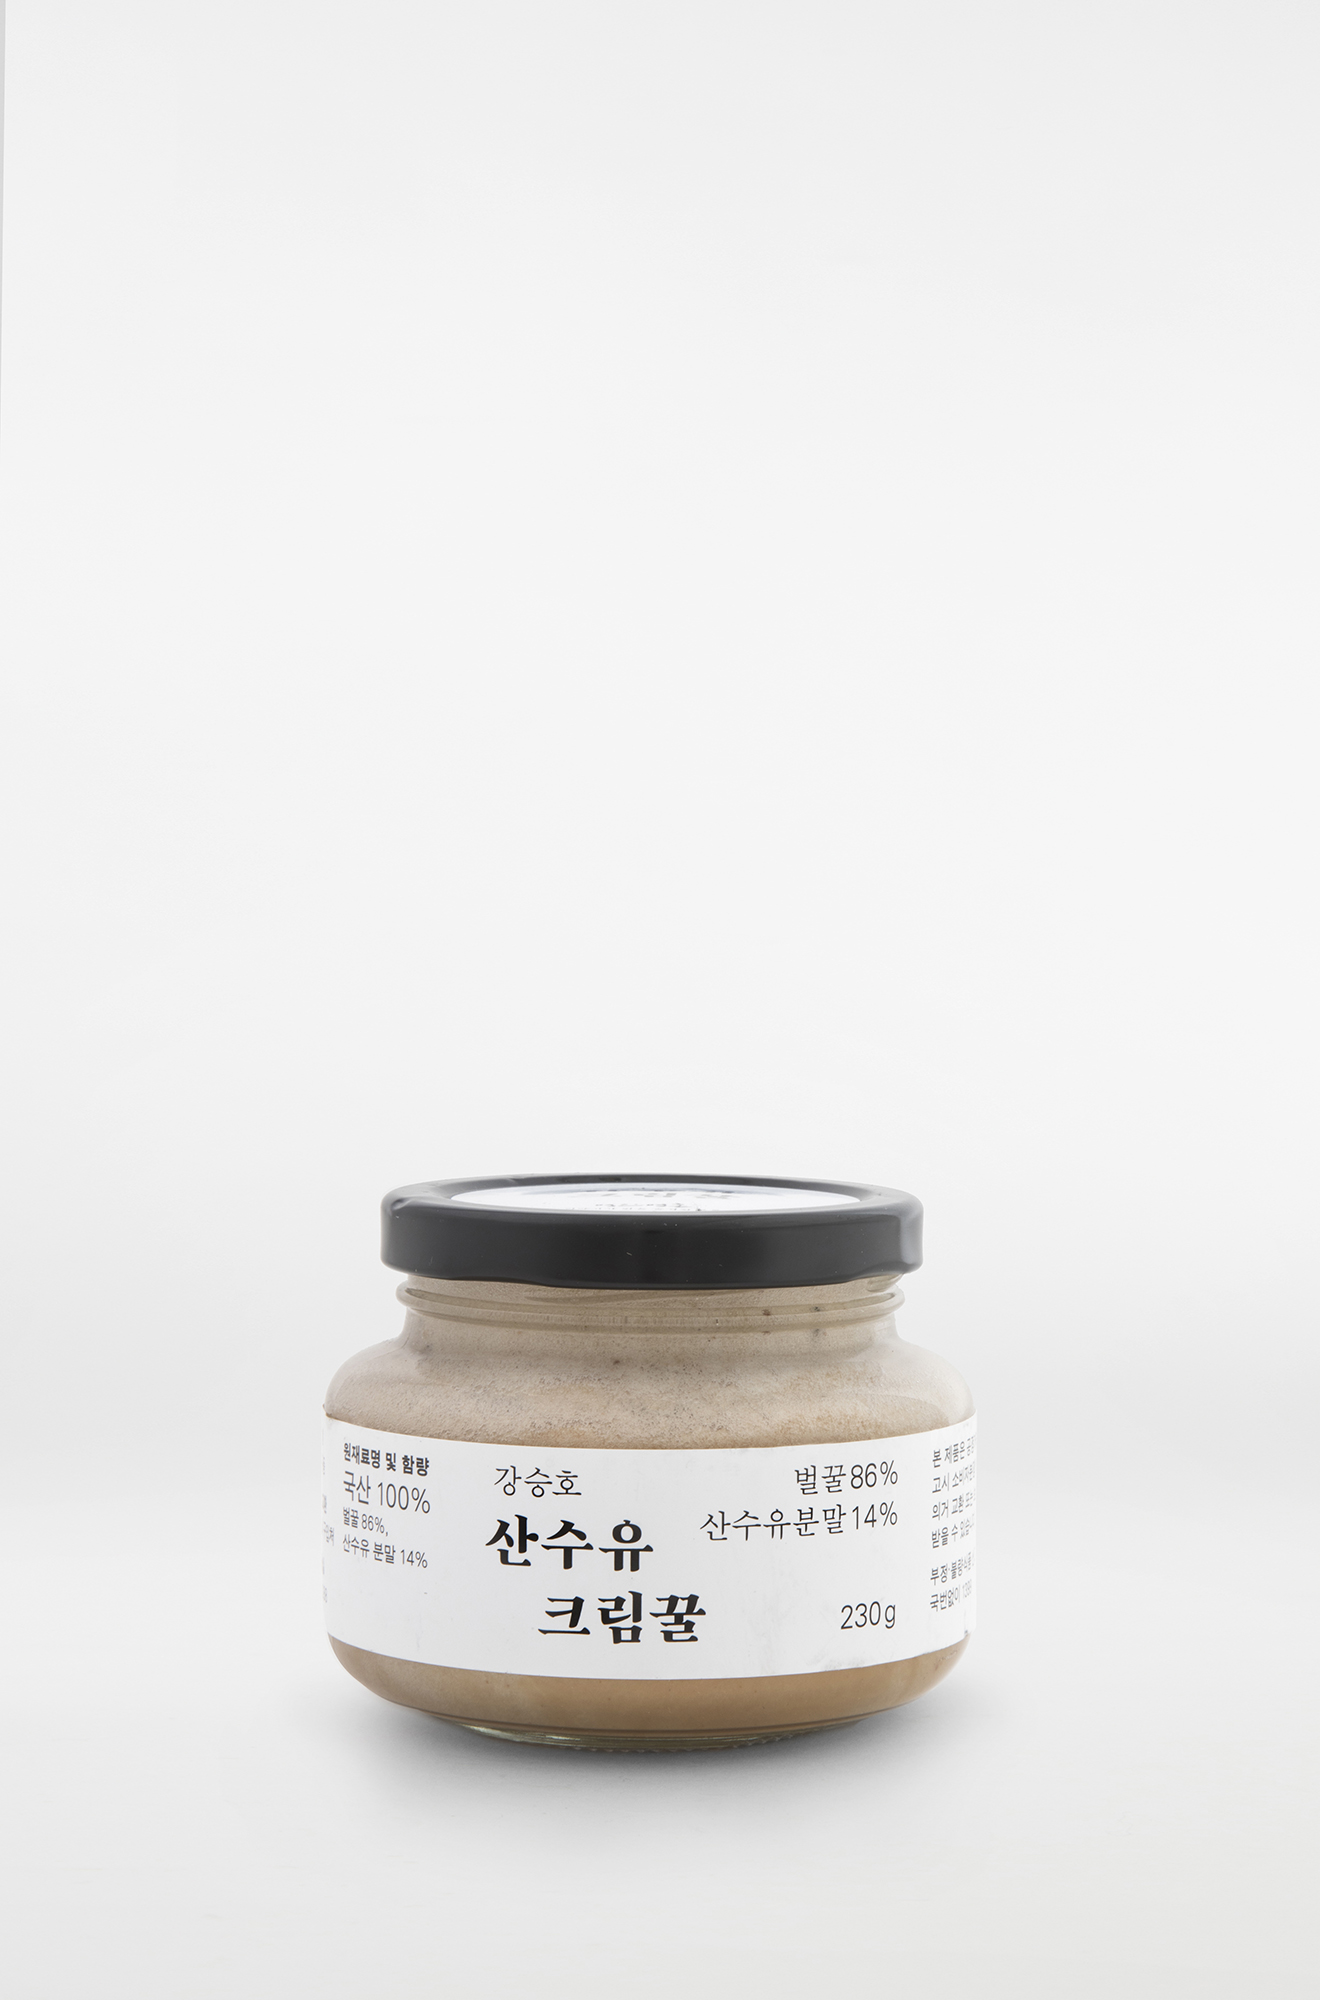 강승호 산수유 크림꿀